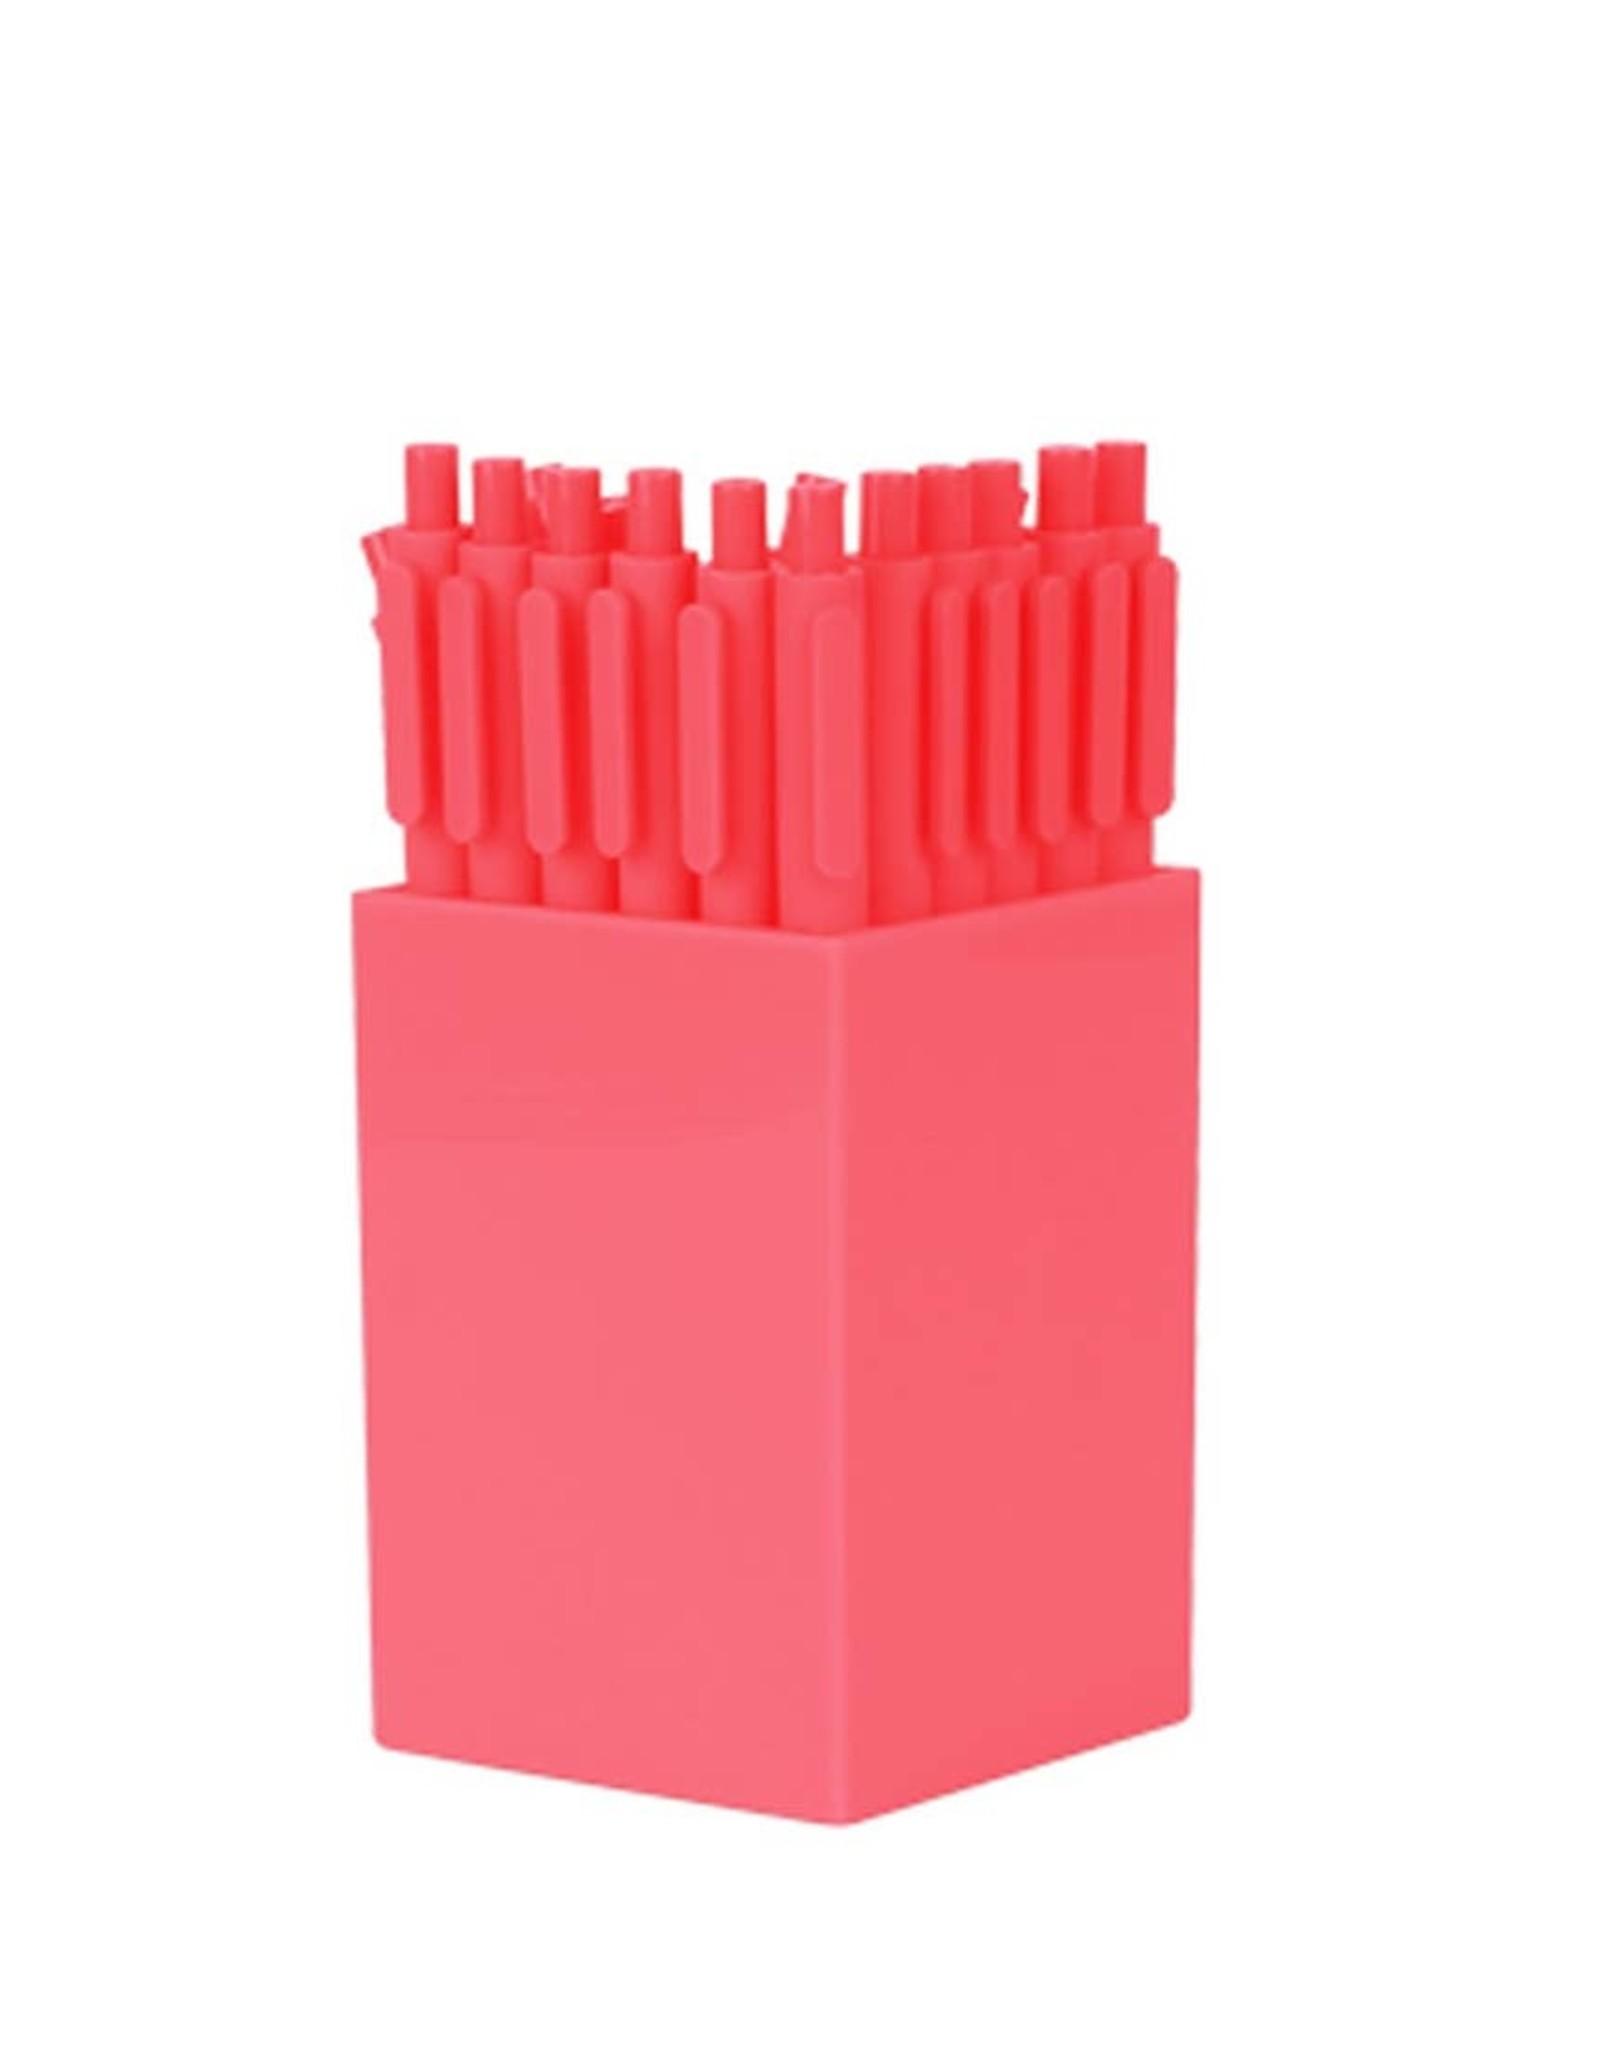 Coral Pencil